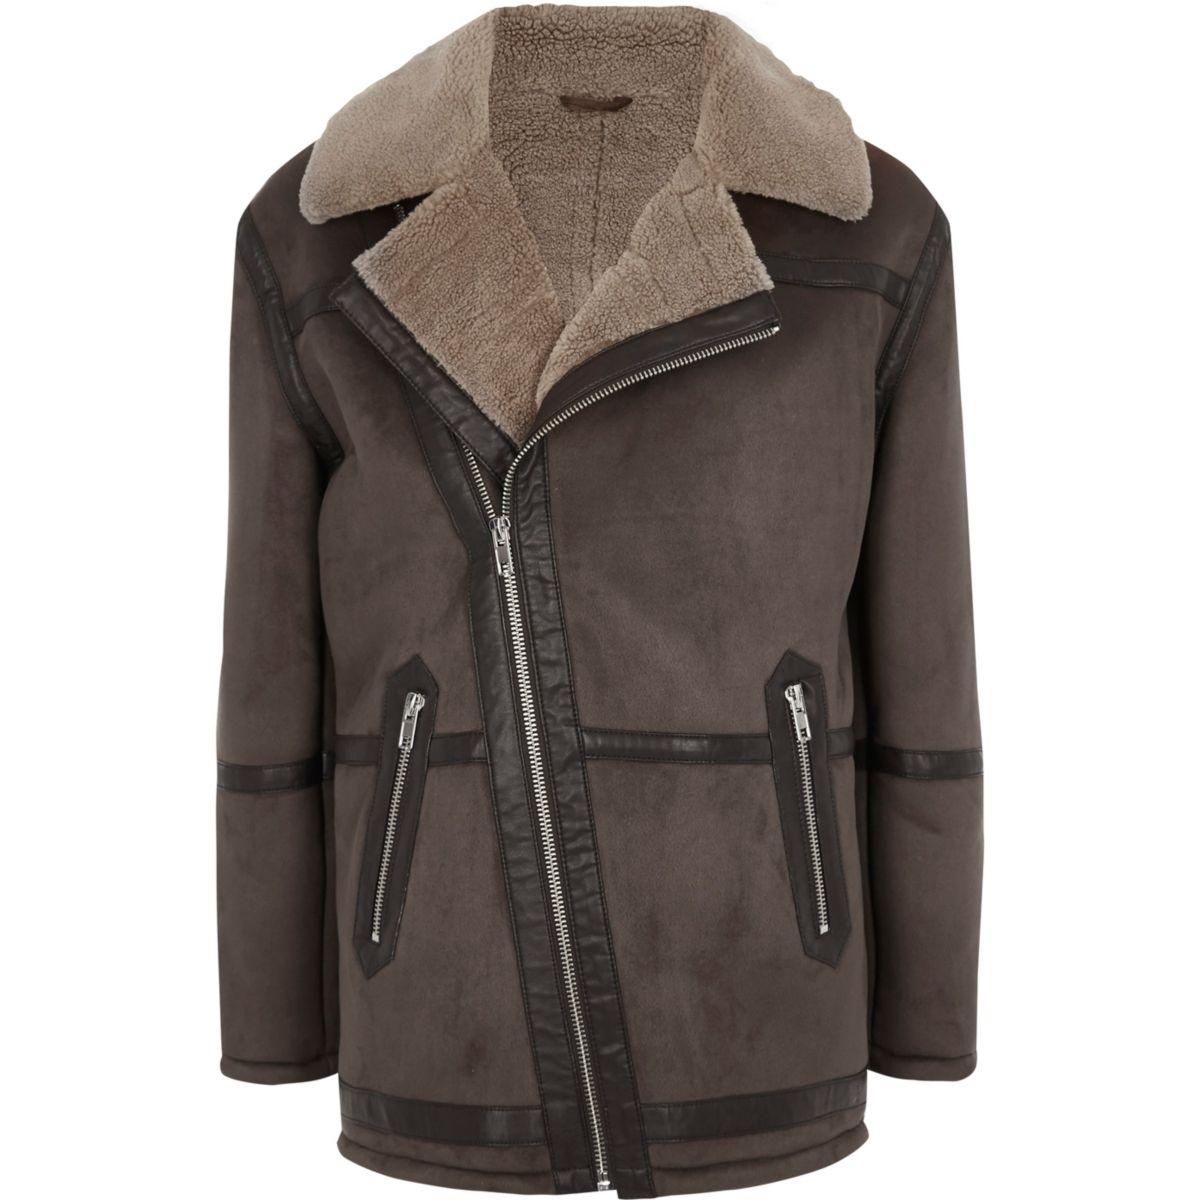 Dark brown fleece lined biker jacket